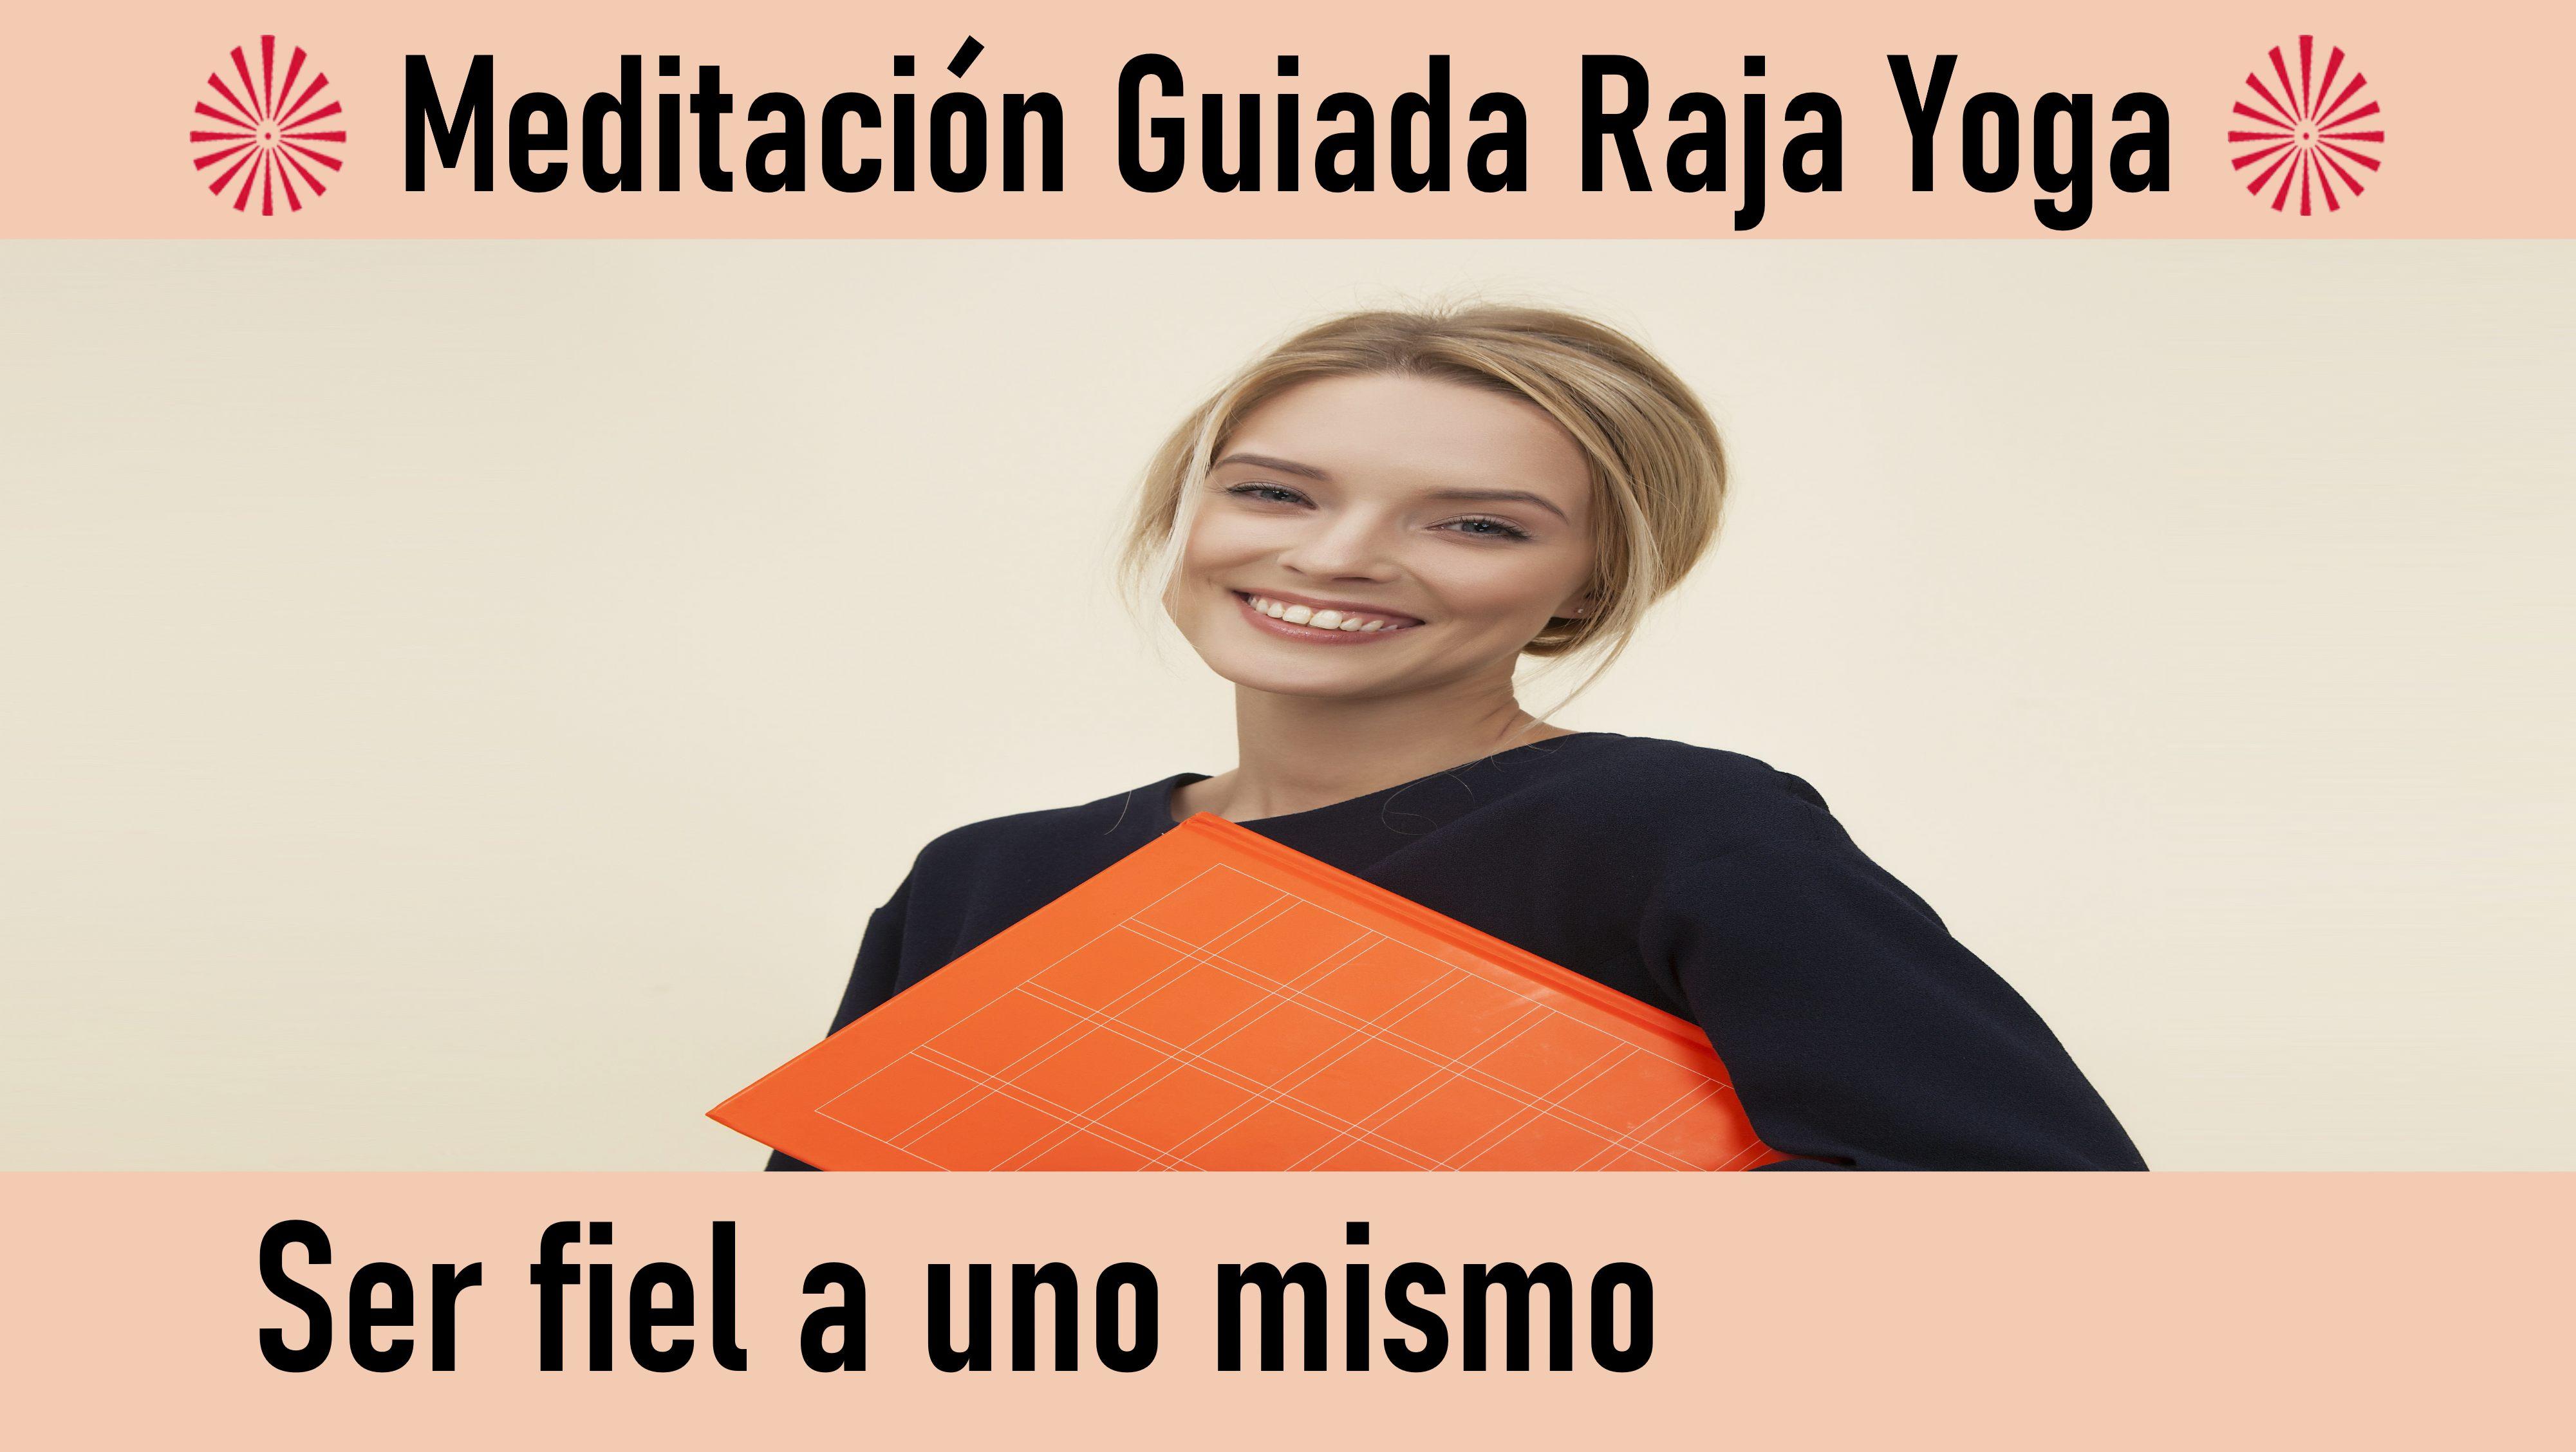 Meditación Raja Yoga: Ser fiel a uno mismo (12 Septiembre 2020) On-line desde Valencia